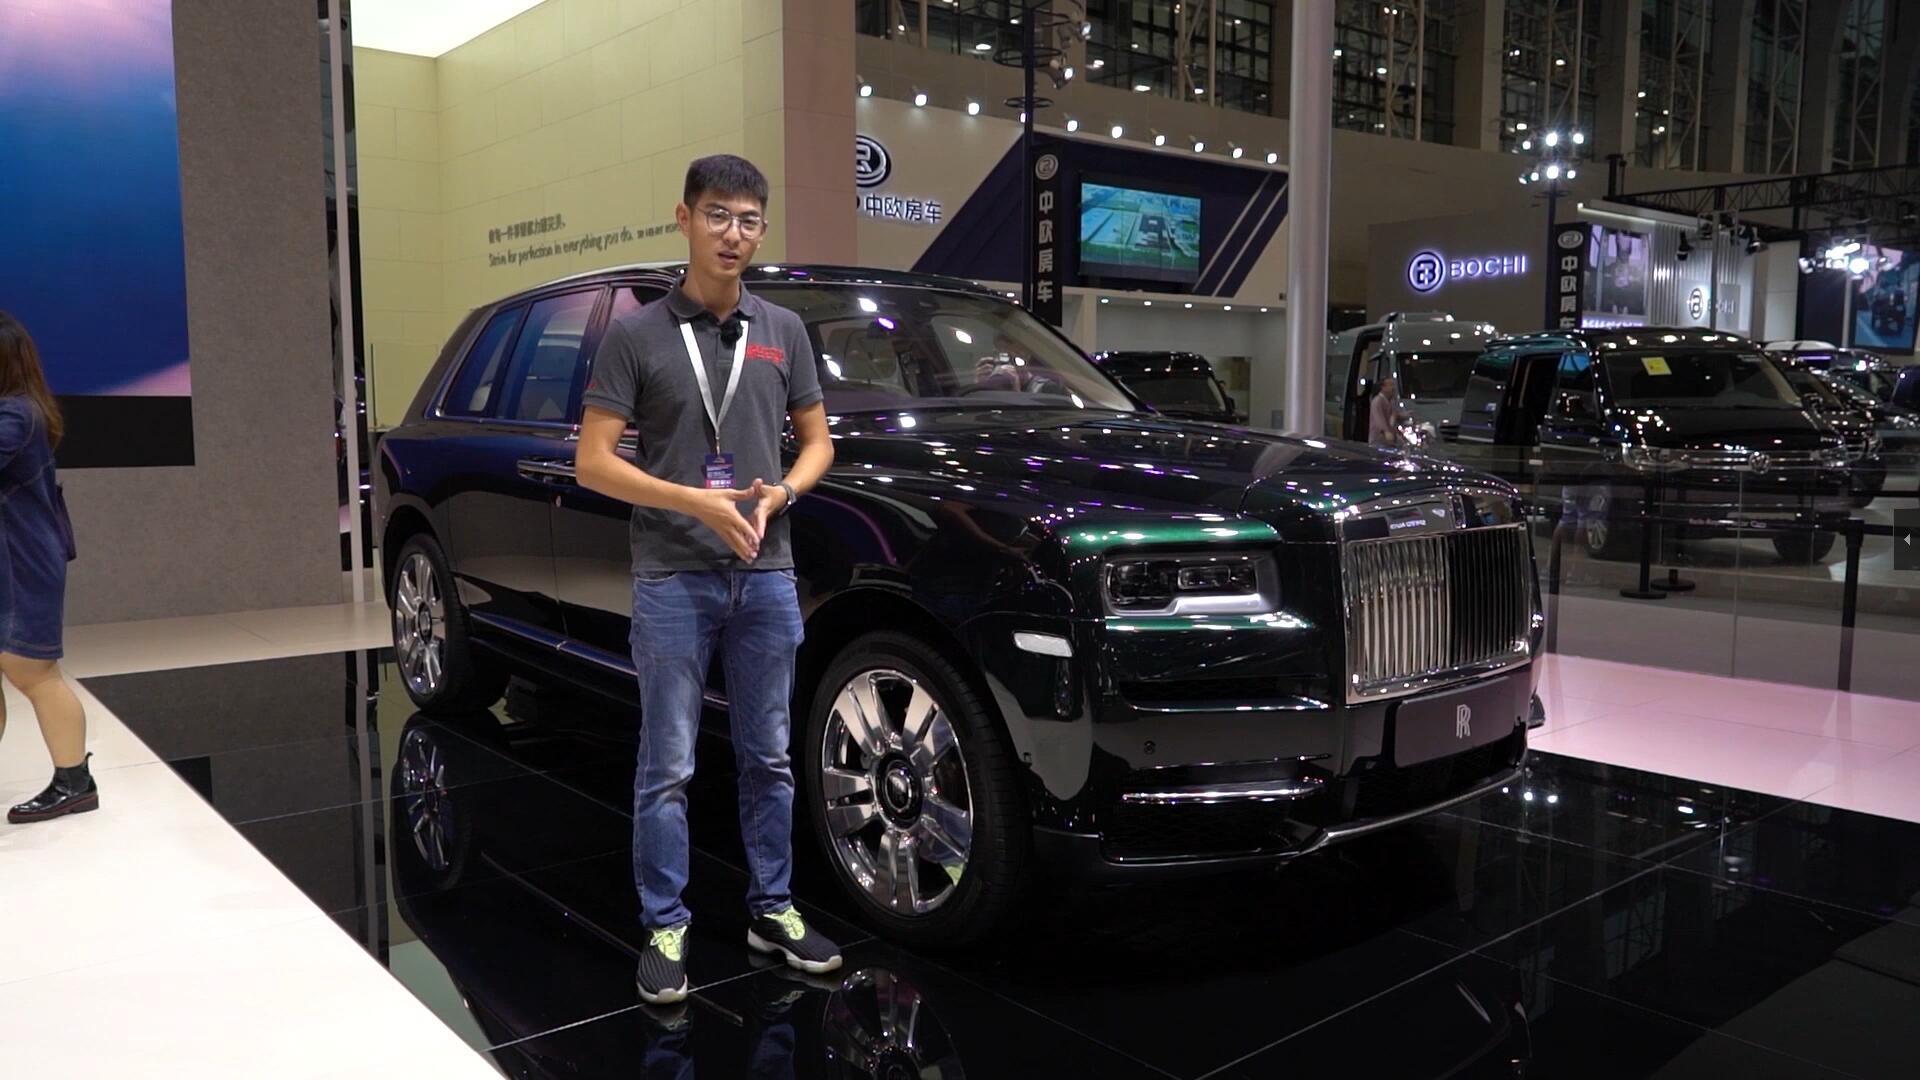 2018广州车展三十款新车评轻松看:一分钟说透一